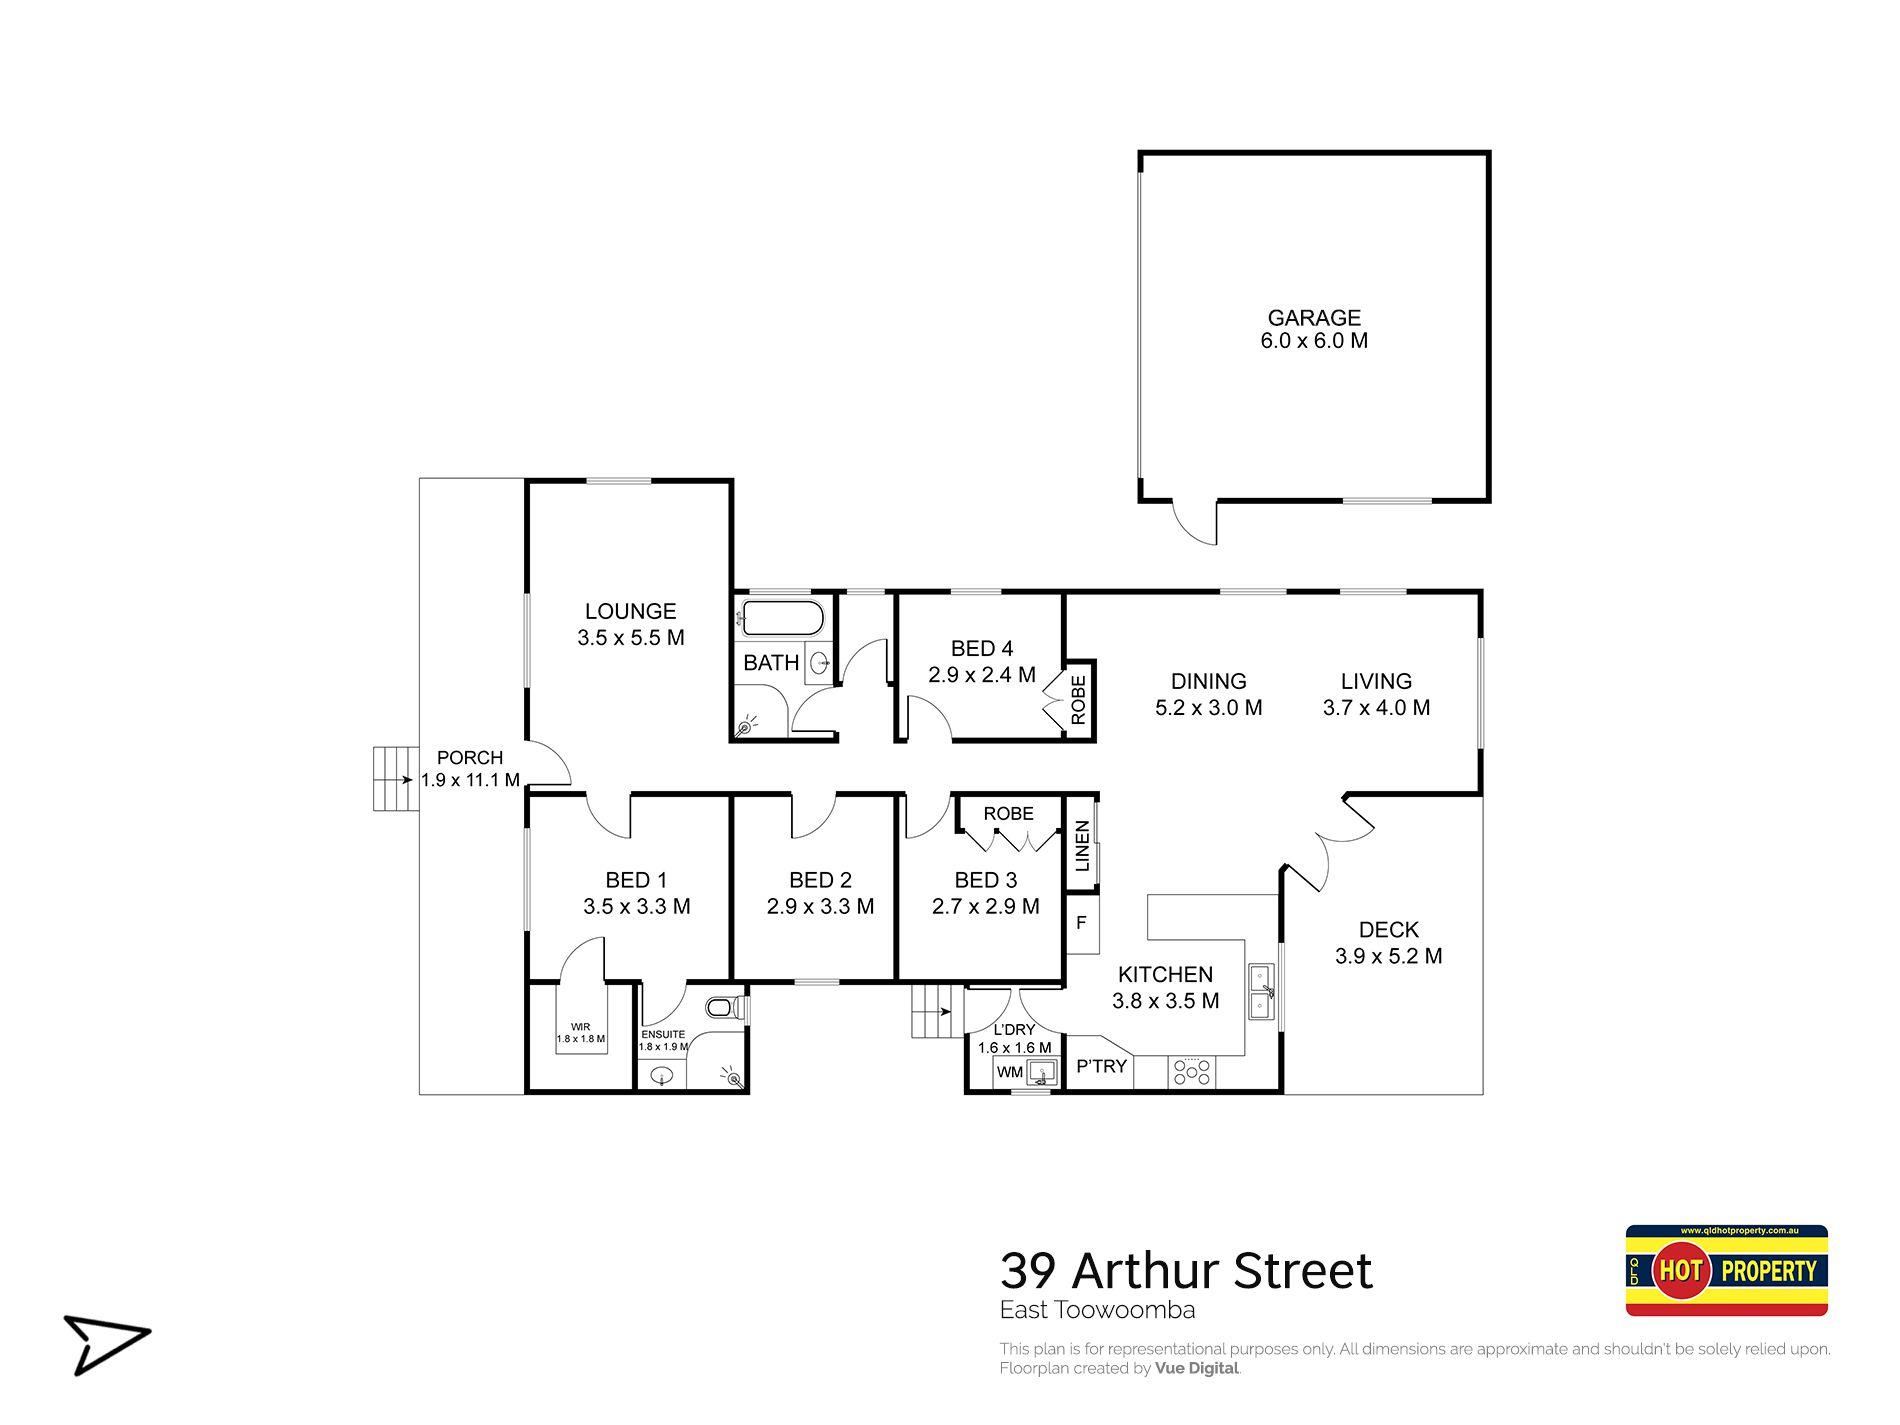 39 Arthur Street, East Toowoomba